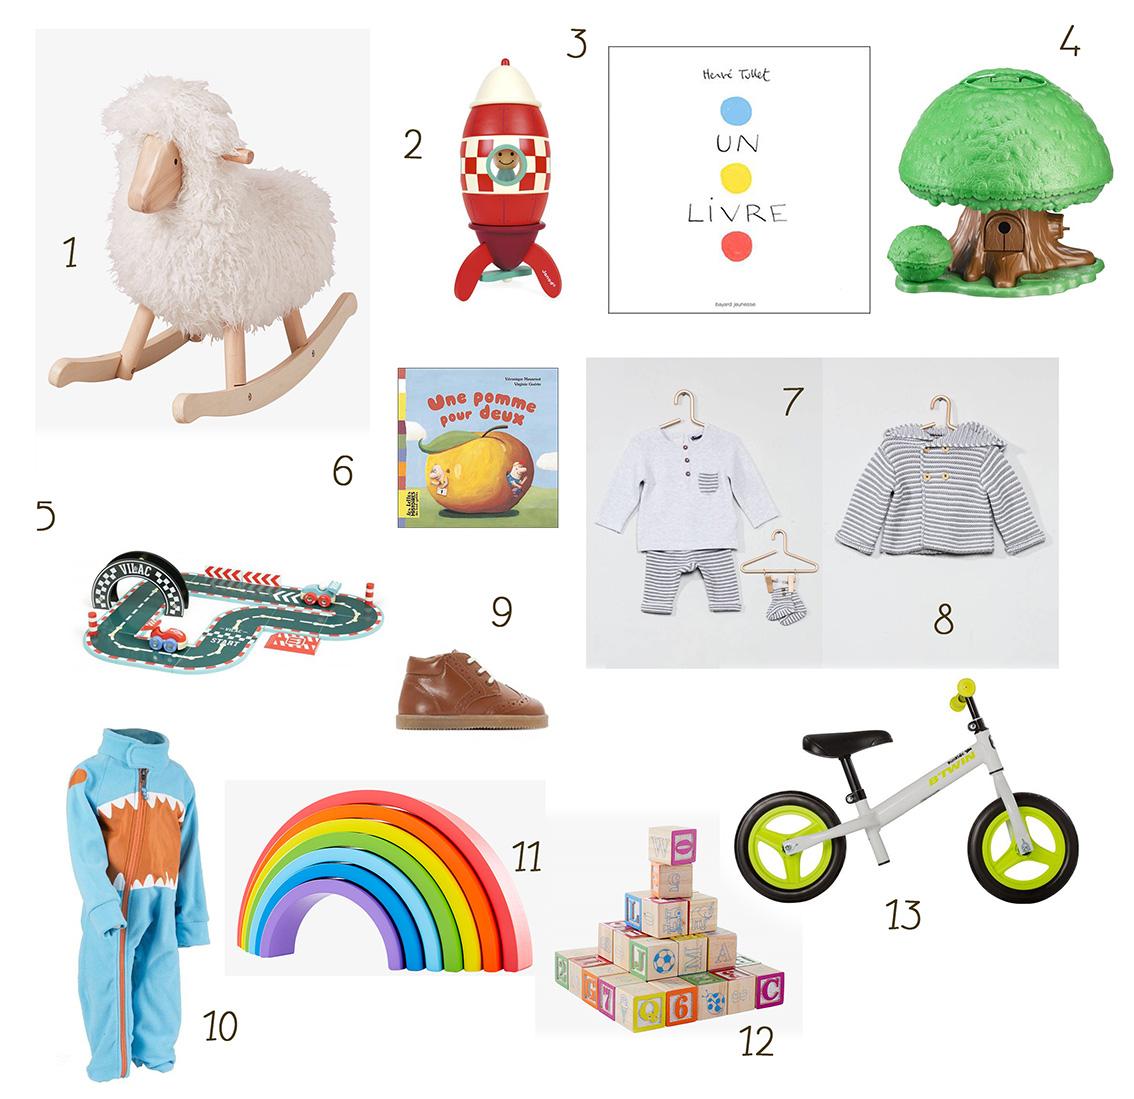 Des cadeaux de Noël pour un bébé